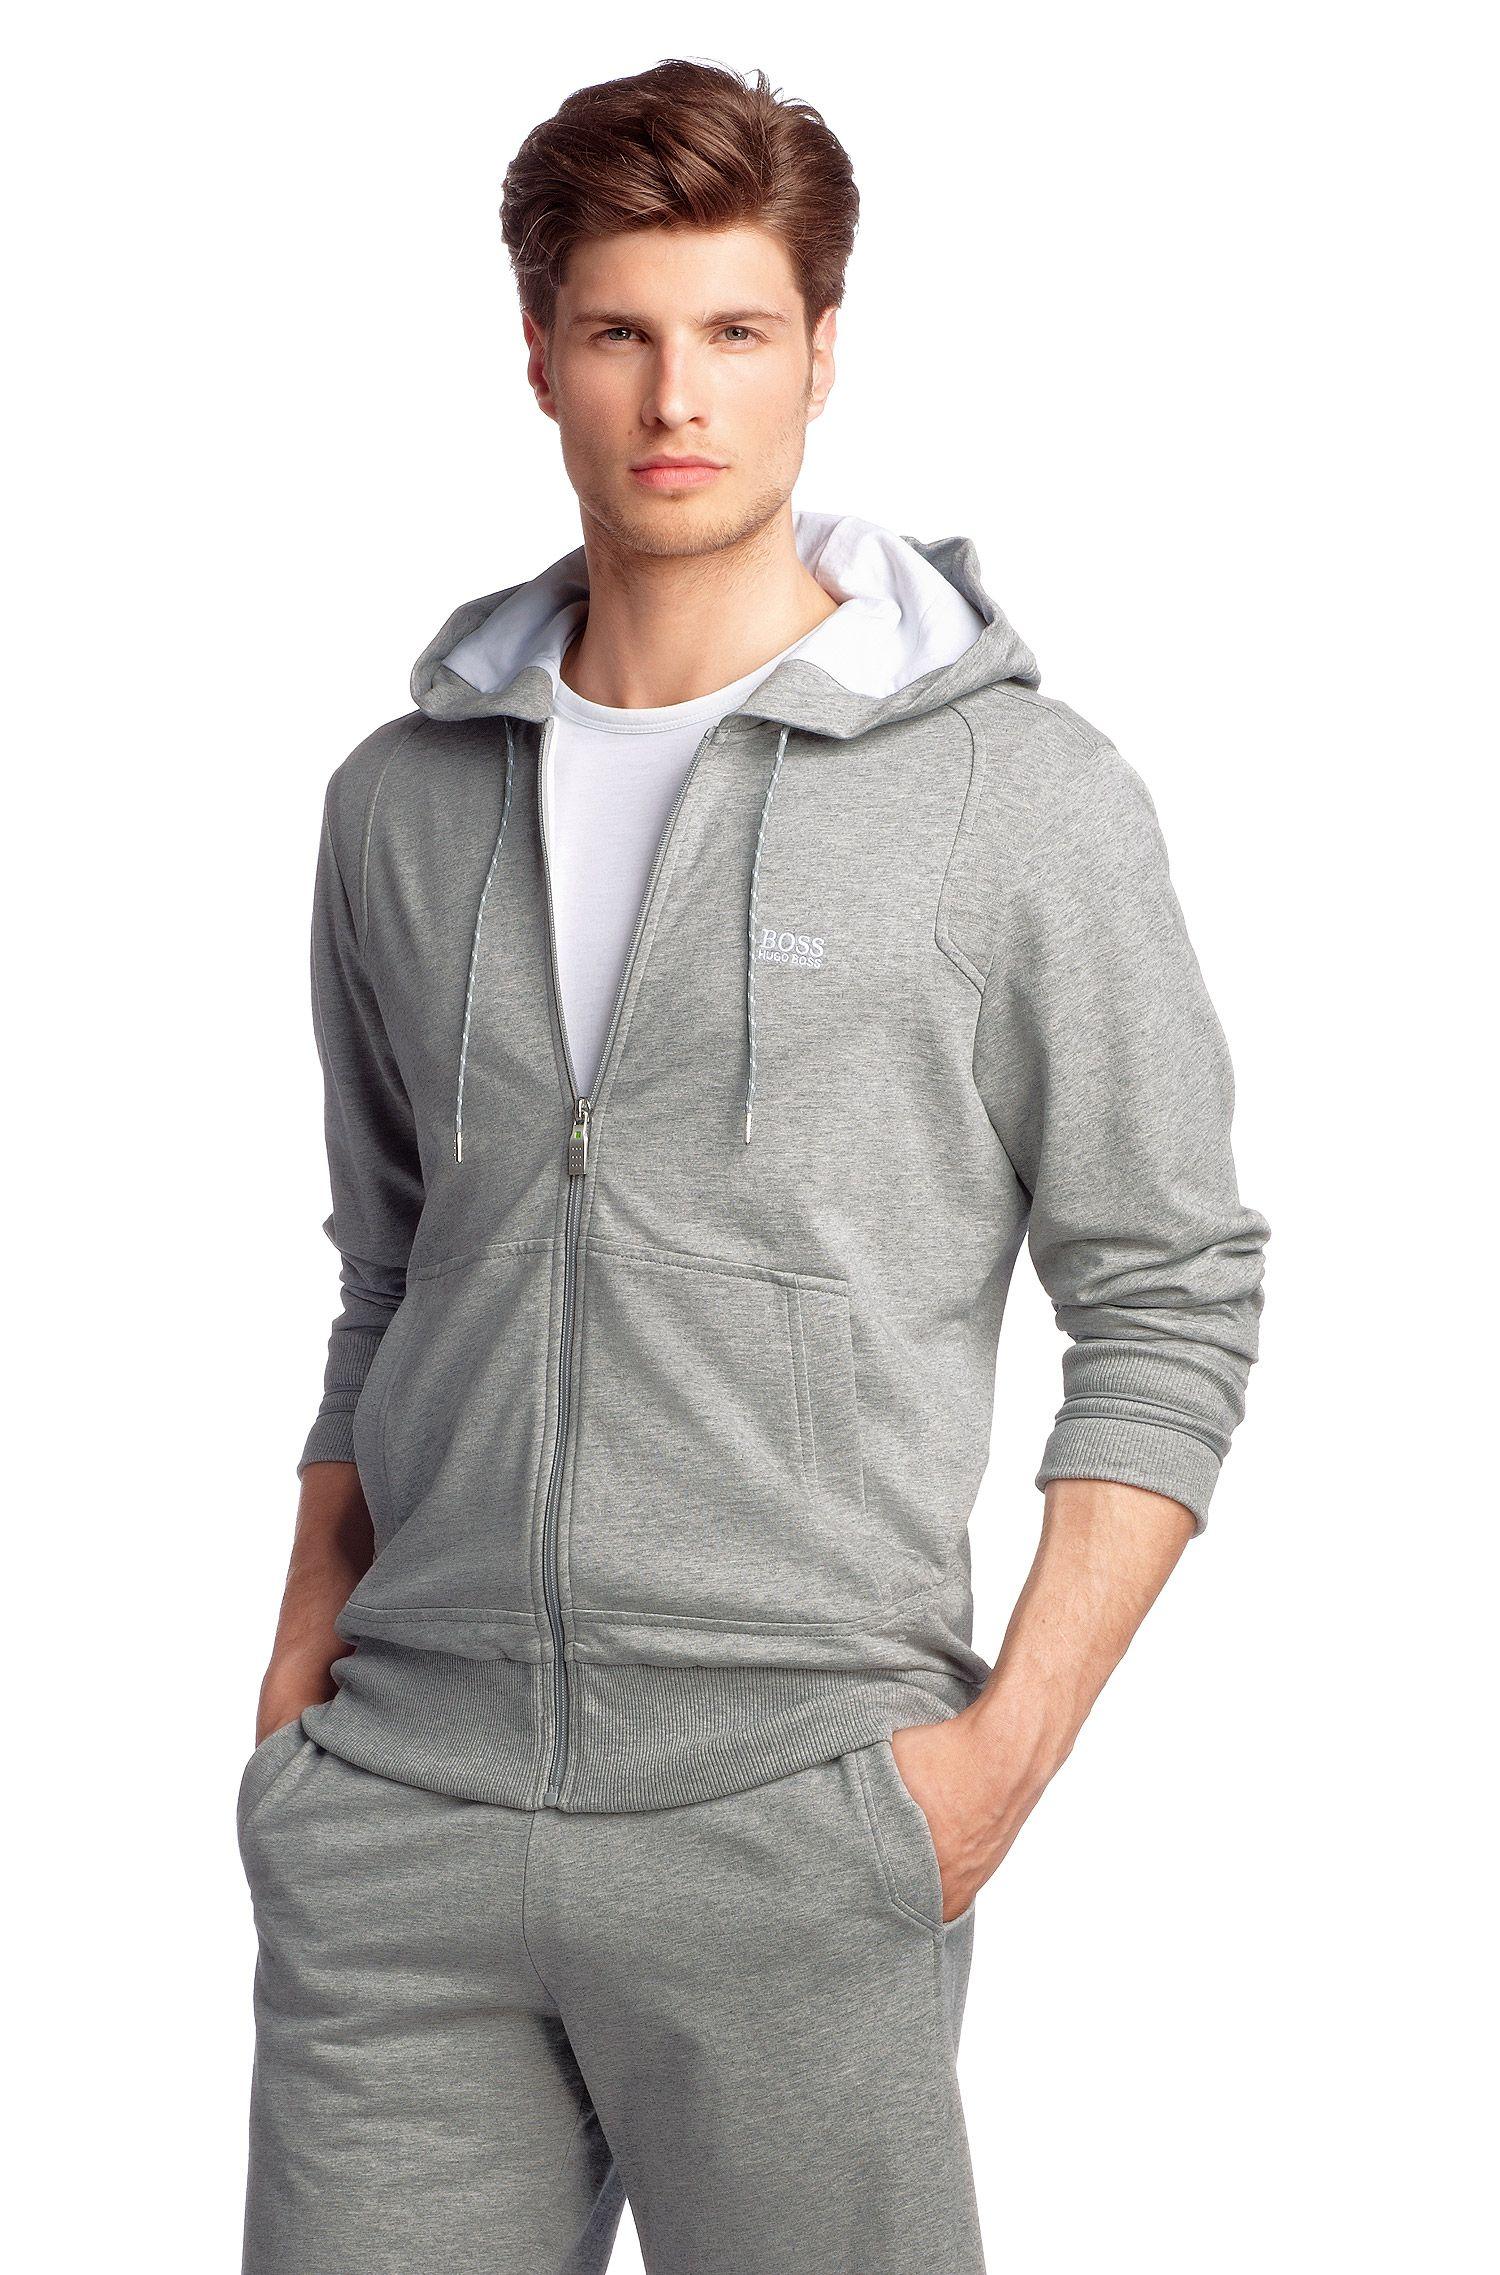 Sweatshirt-Jacke ´Saggy` aus reiner Baumwolle